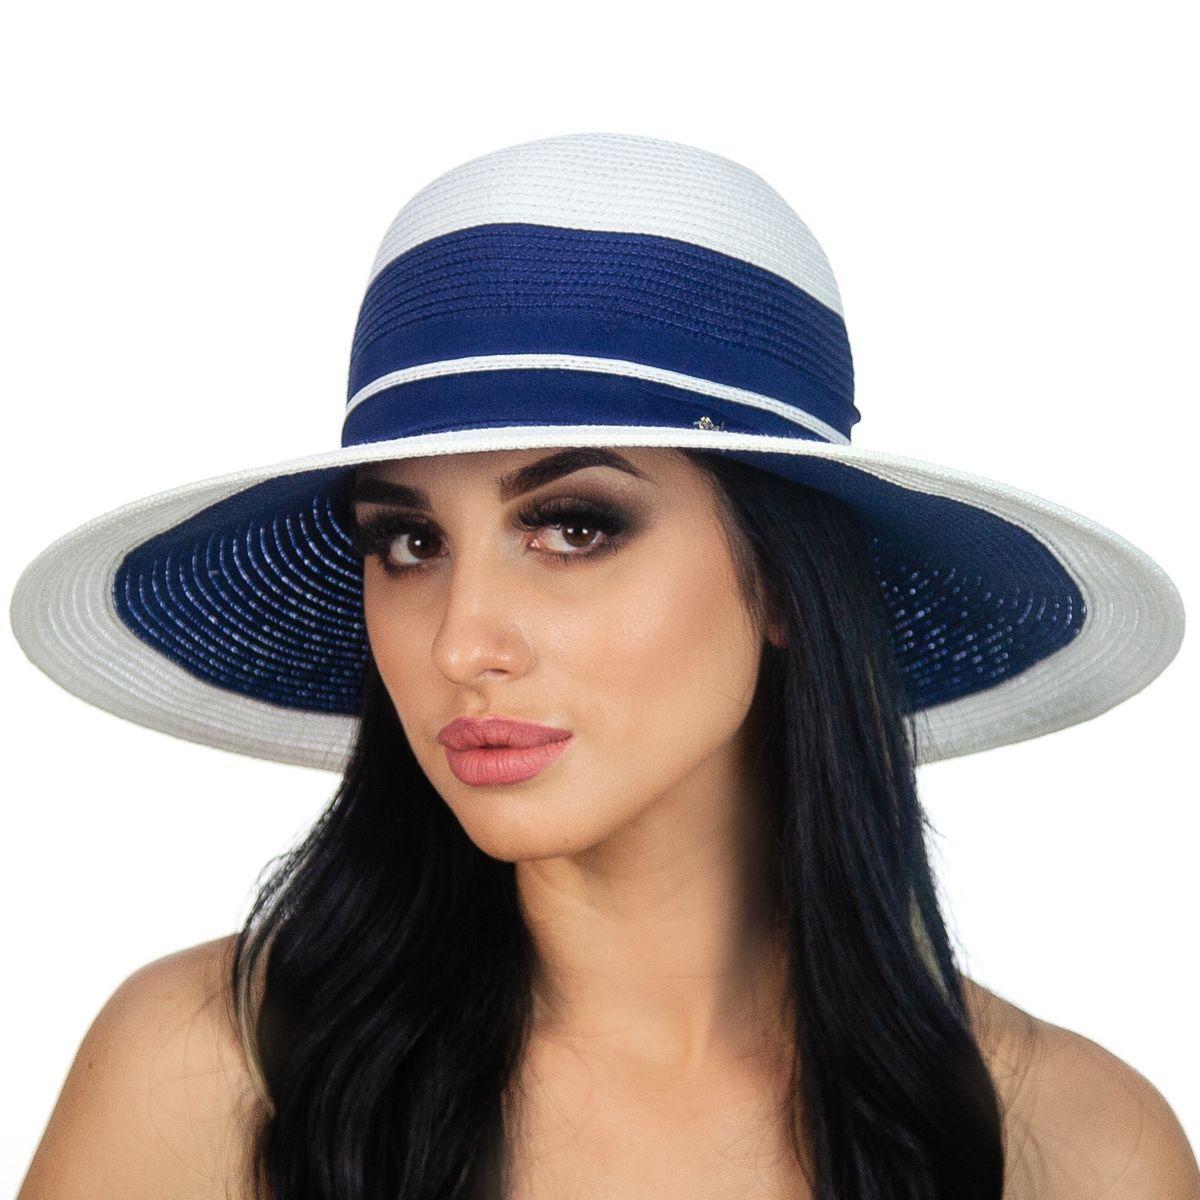 Жіноча капелюх з полями середньої ширини колір синій з білим